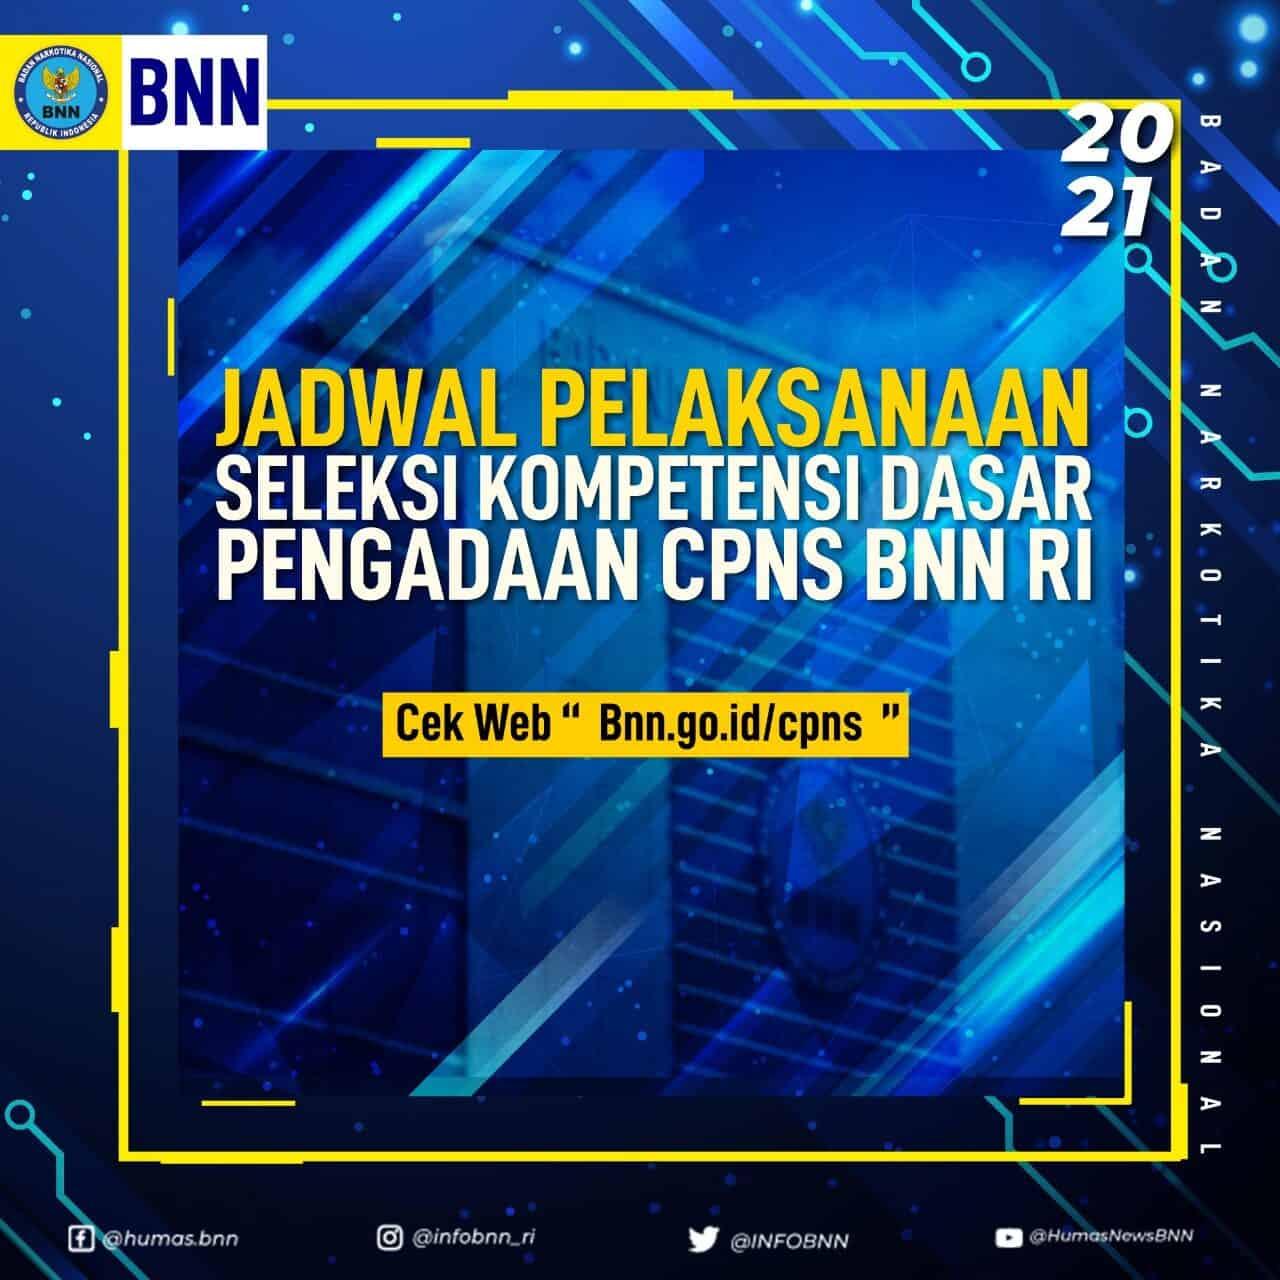 Pengumuman Jadwal Seleksi Kompetensi Dasar Pengadaan CPNS BNN T.A. 2021